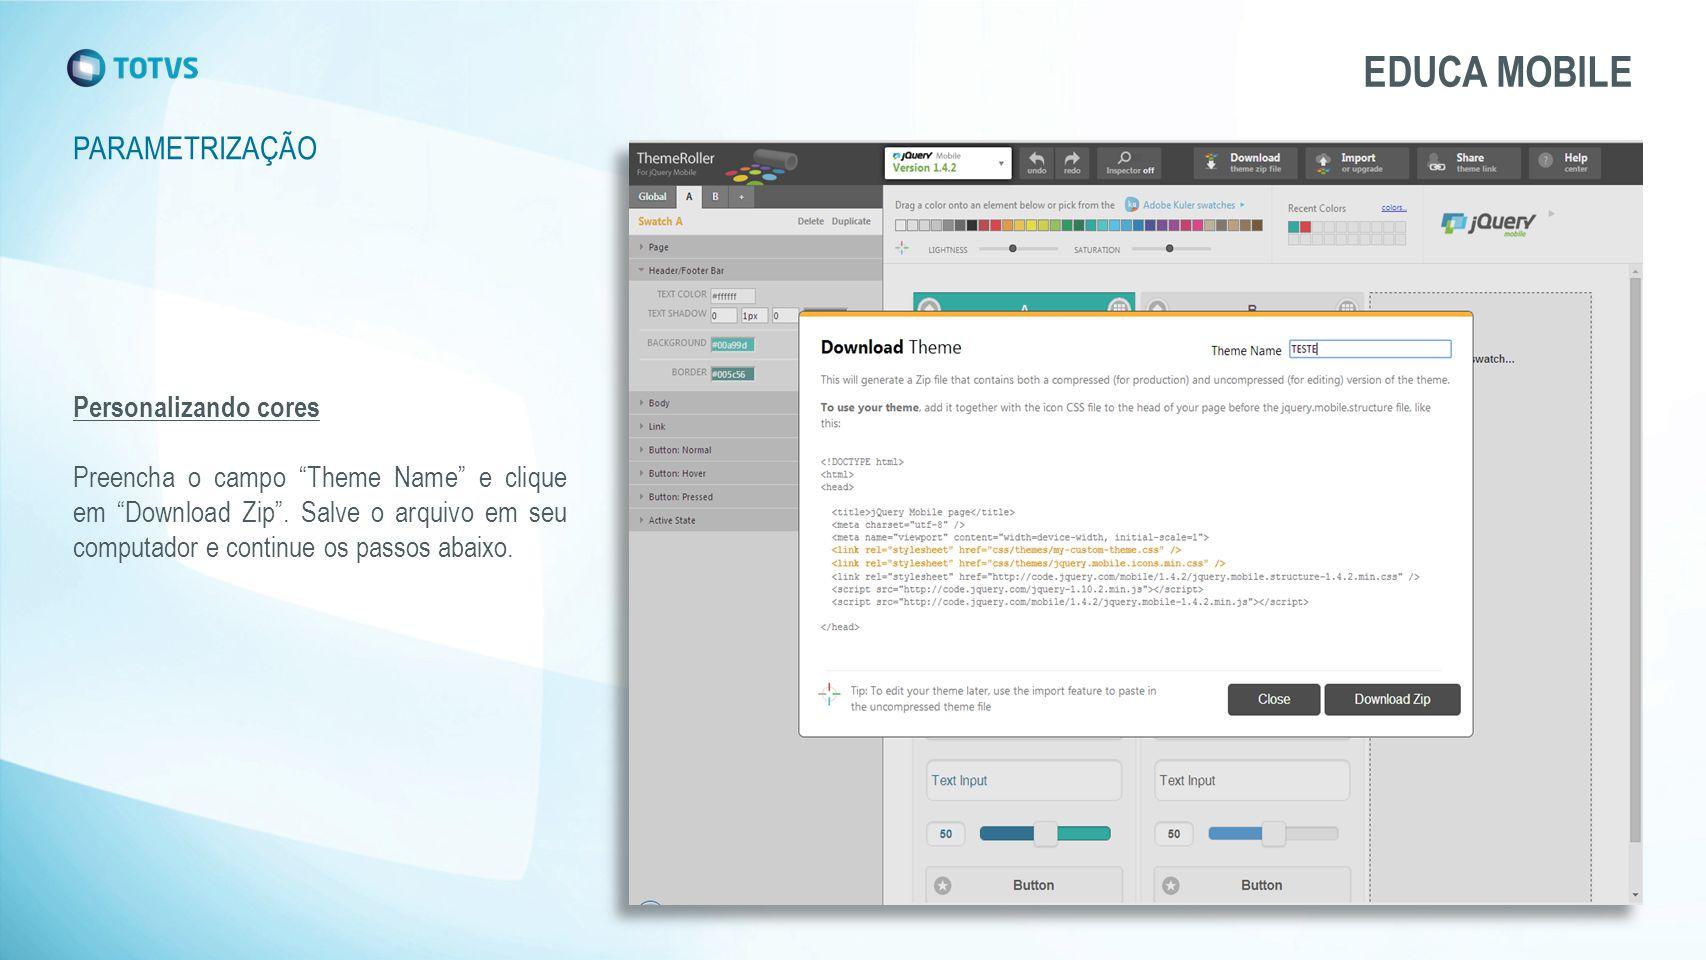 """Personalizando cores Preencha o campo """"Theme Name"""" e clique em """"Download Zip"""". Salve o arquivo em seu computador e continue os passos abaixo. PARAMETR"""